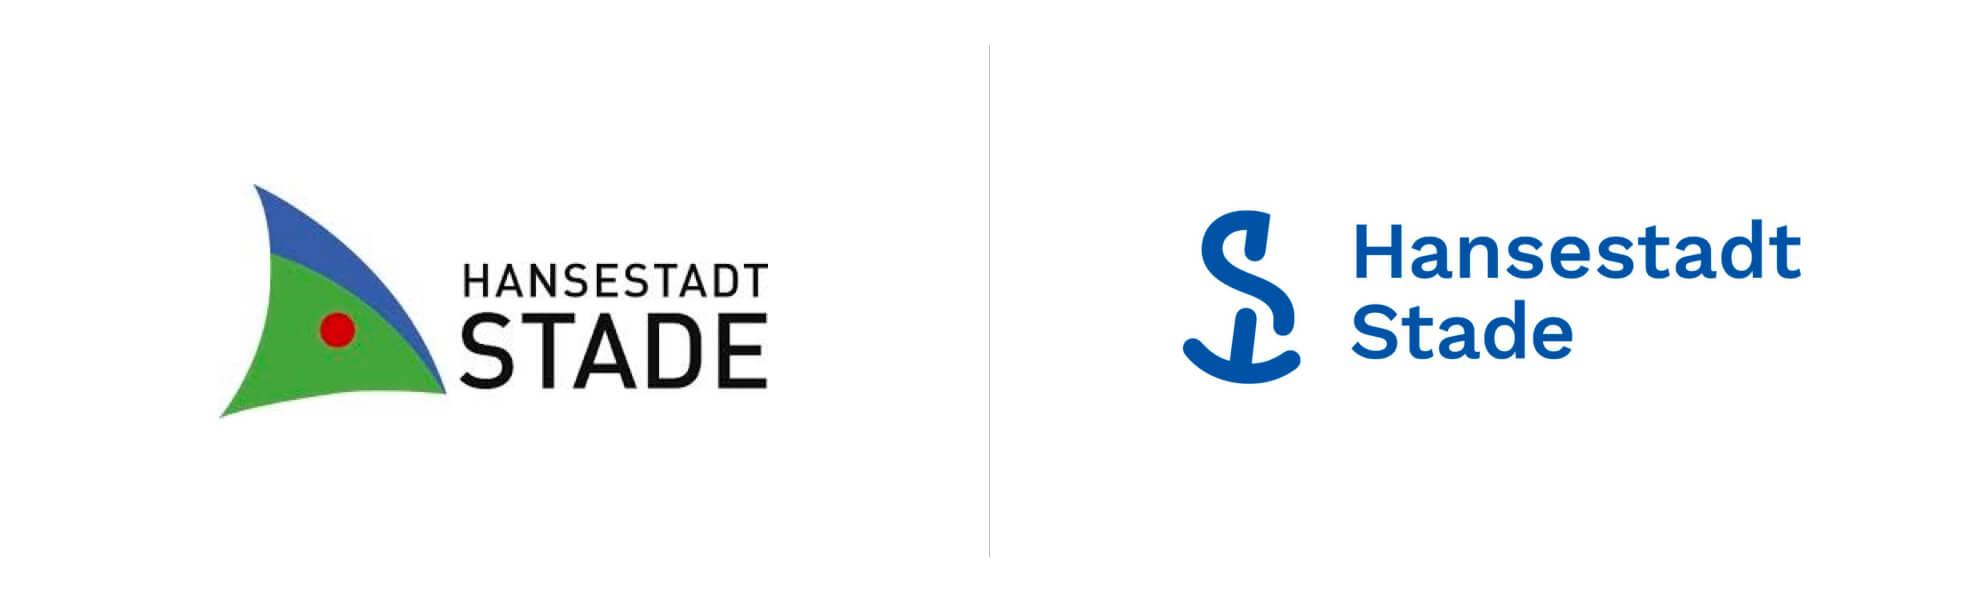 Stade znowym logo